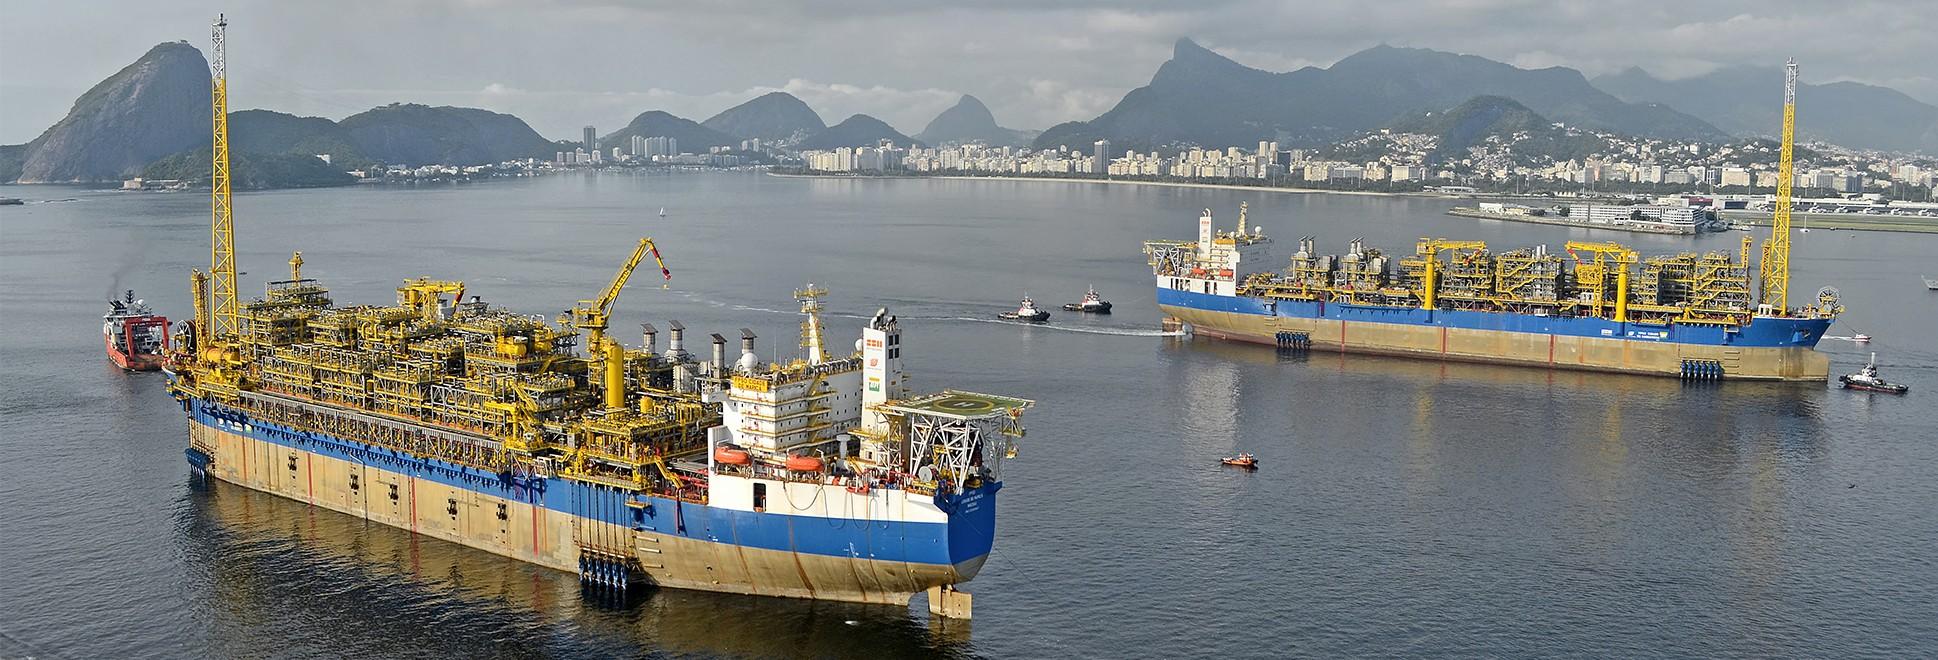 SBM Offshore: Jobs | LinkedIn